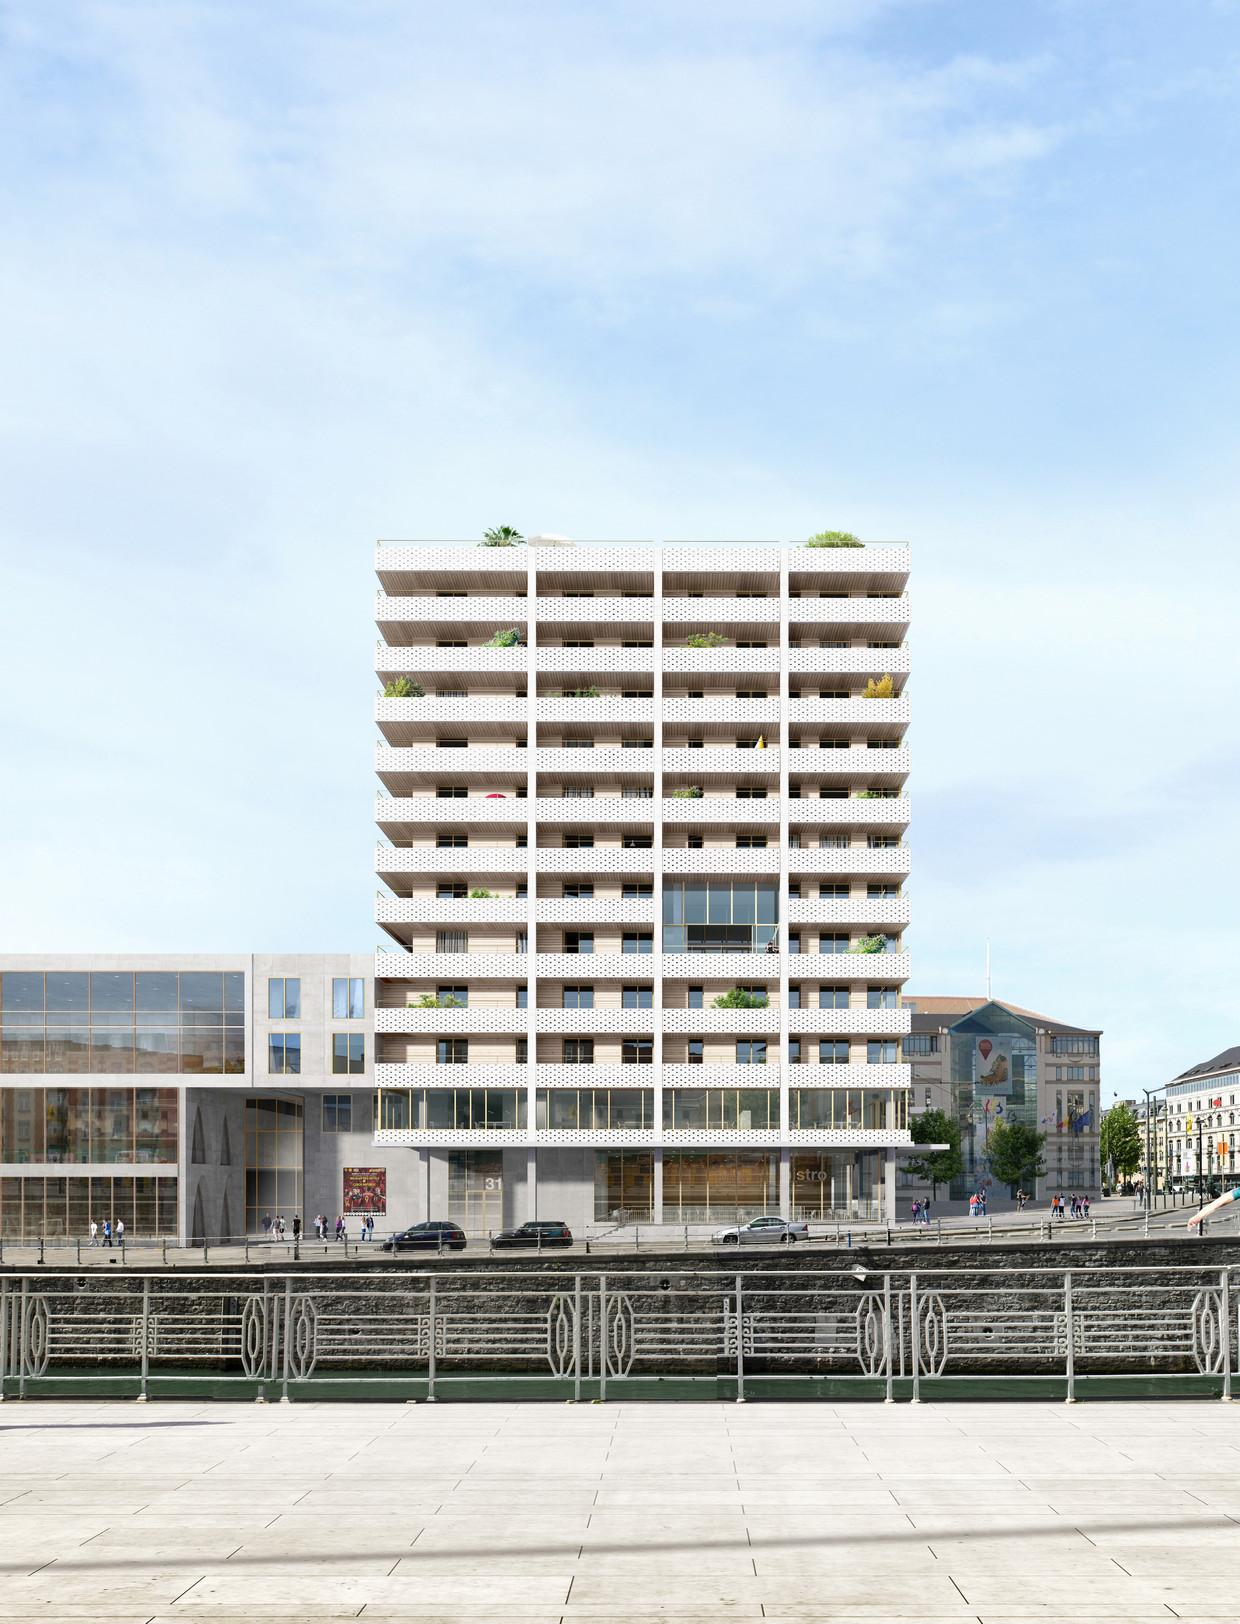 Het winnende wedstrijdconcept van Dockside waarmee V+ - MSA – TRANS het project aan Sainctelette binnenhaalde